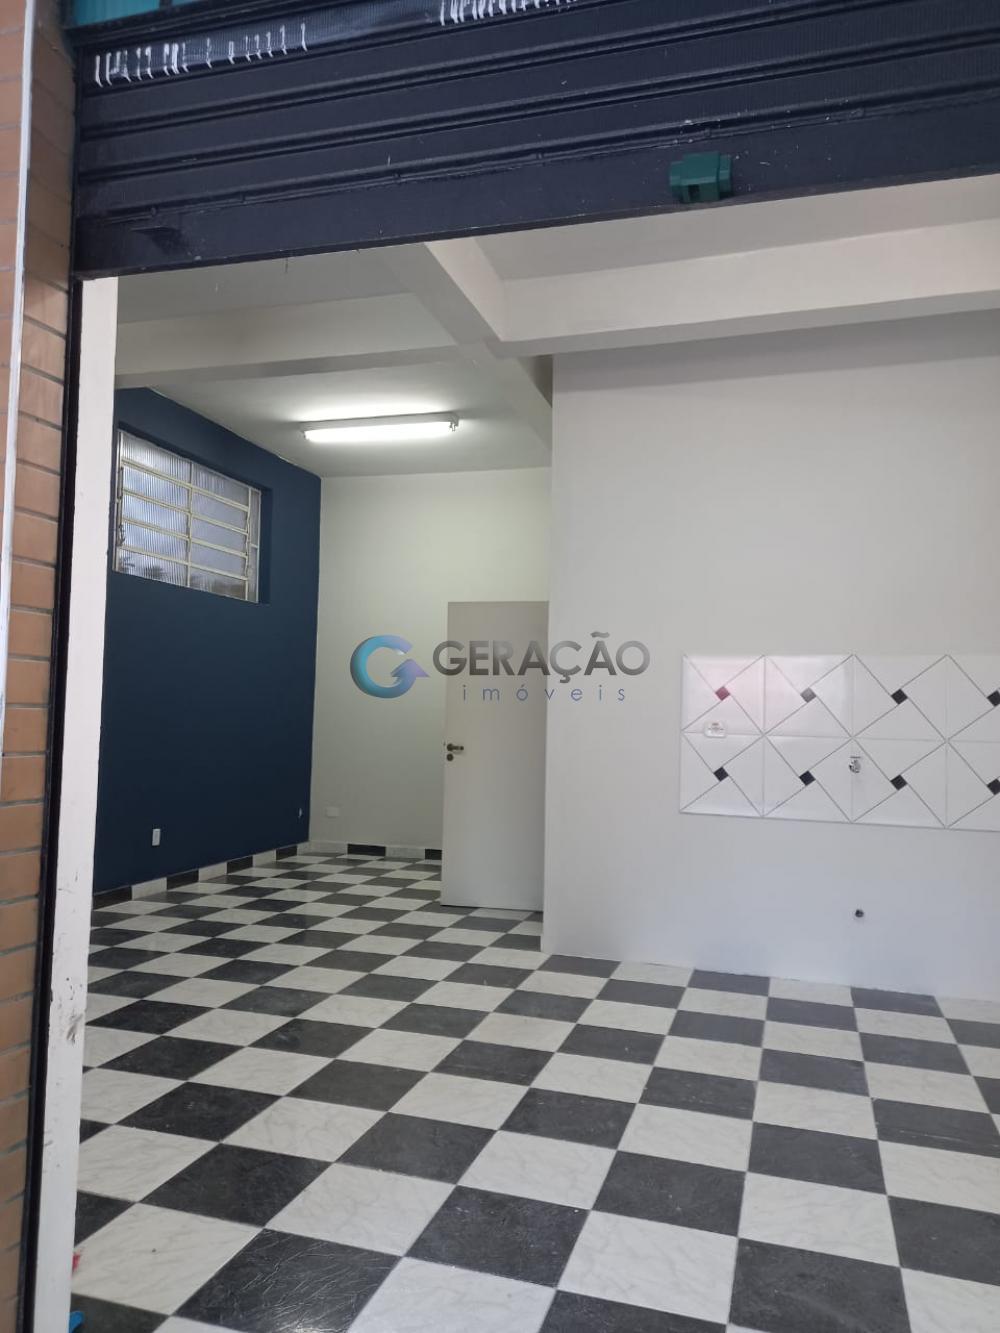 Alugar Comercial / Sala em São José dos Campos R$ 1.500,00 - Foto 6